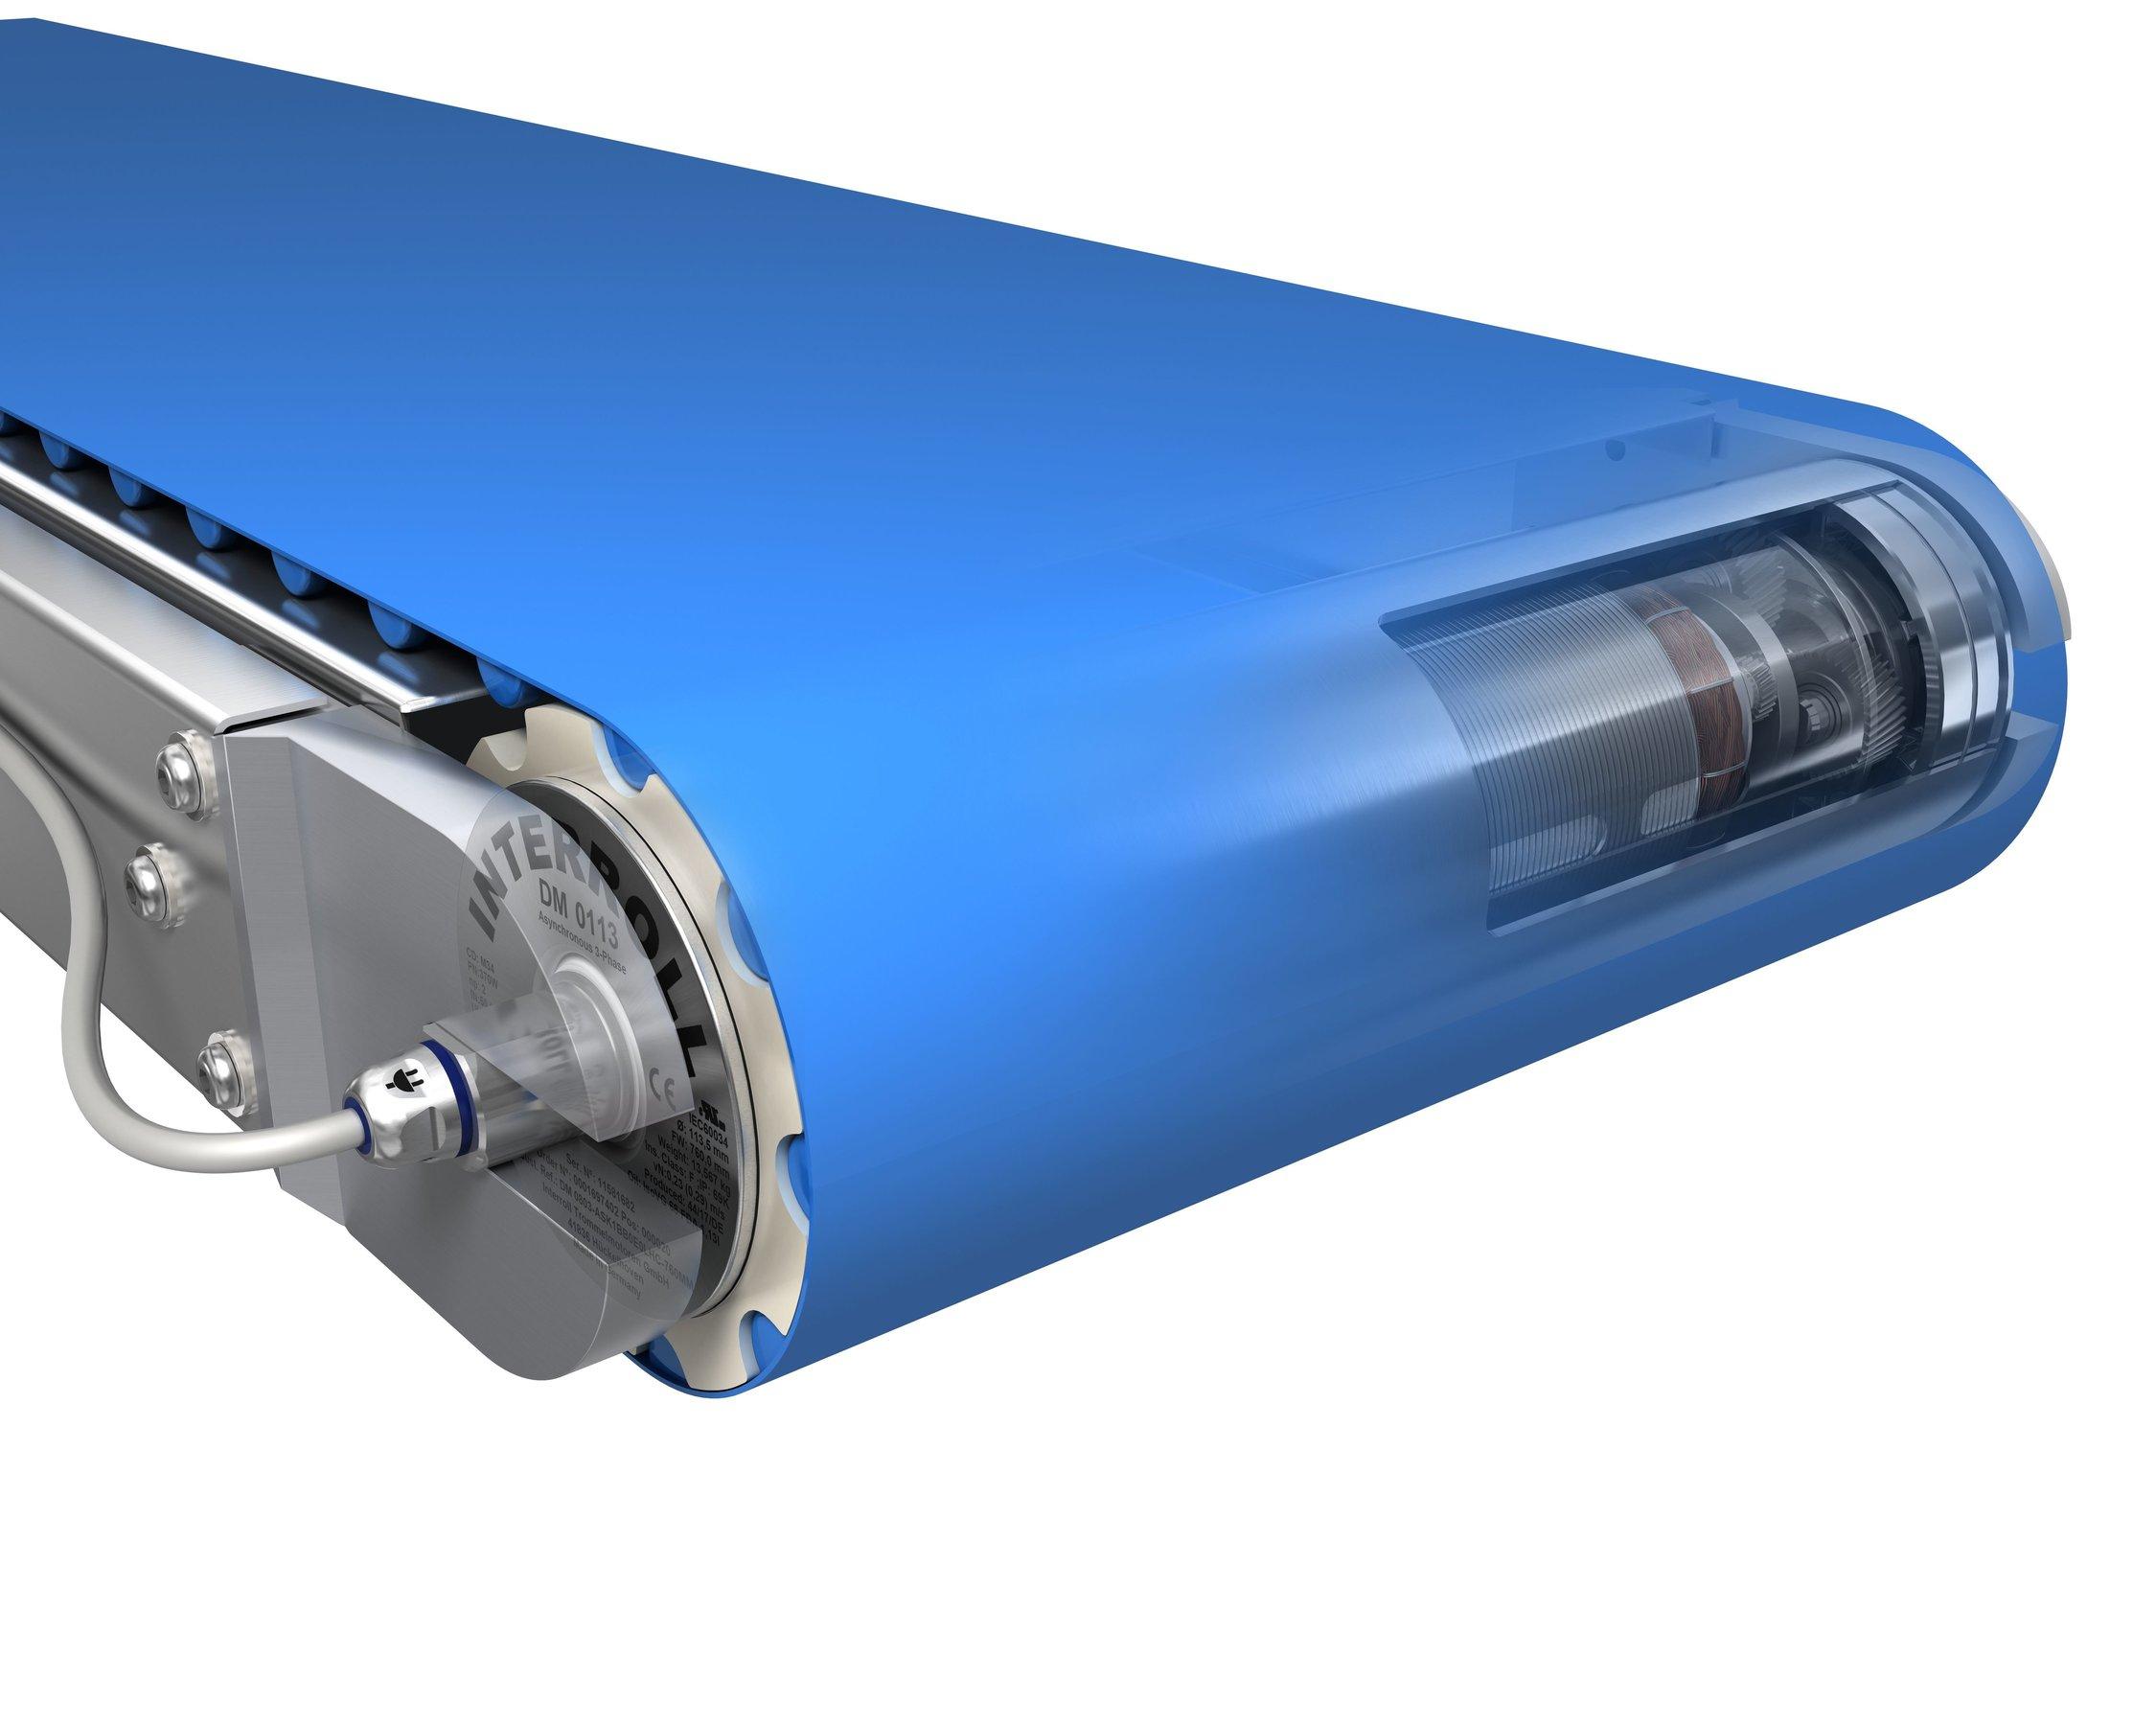 Interroll presenta su solución de transporte para ultracongelado